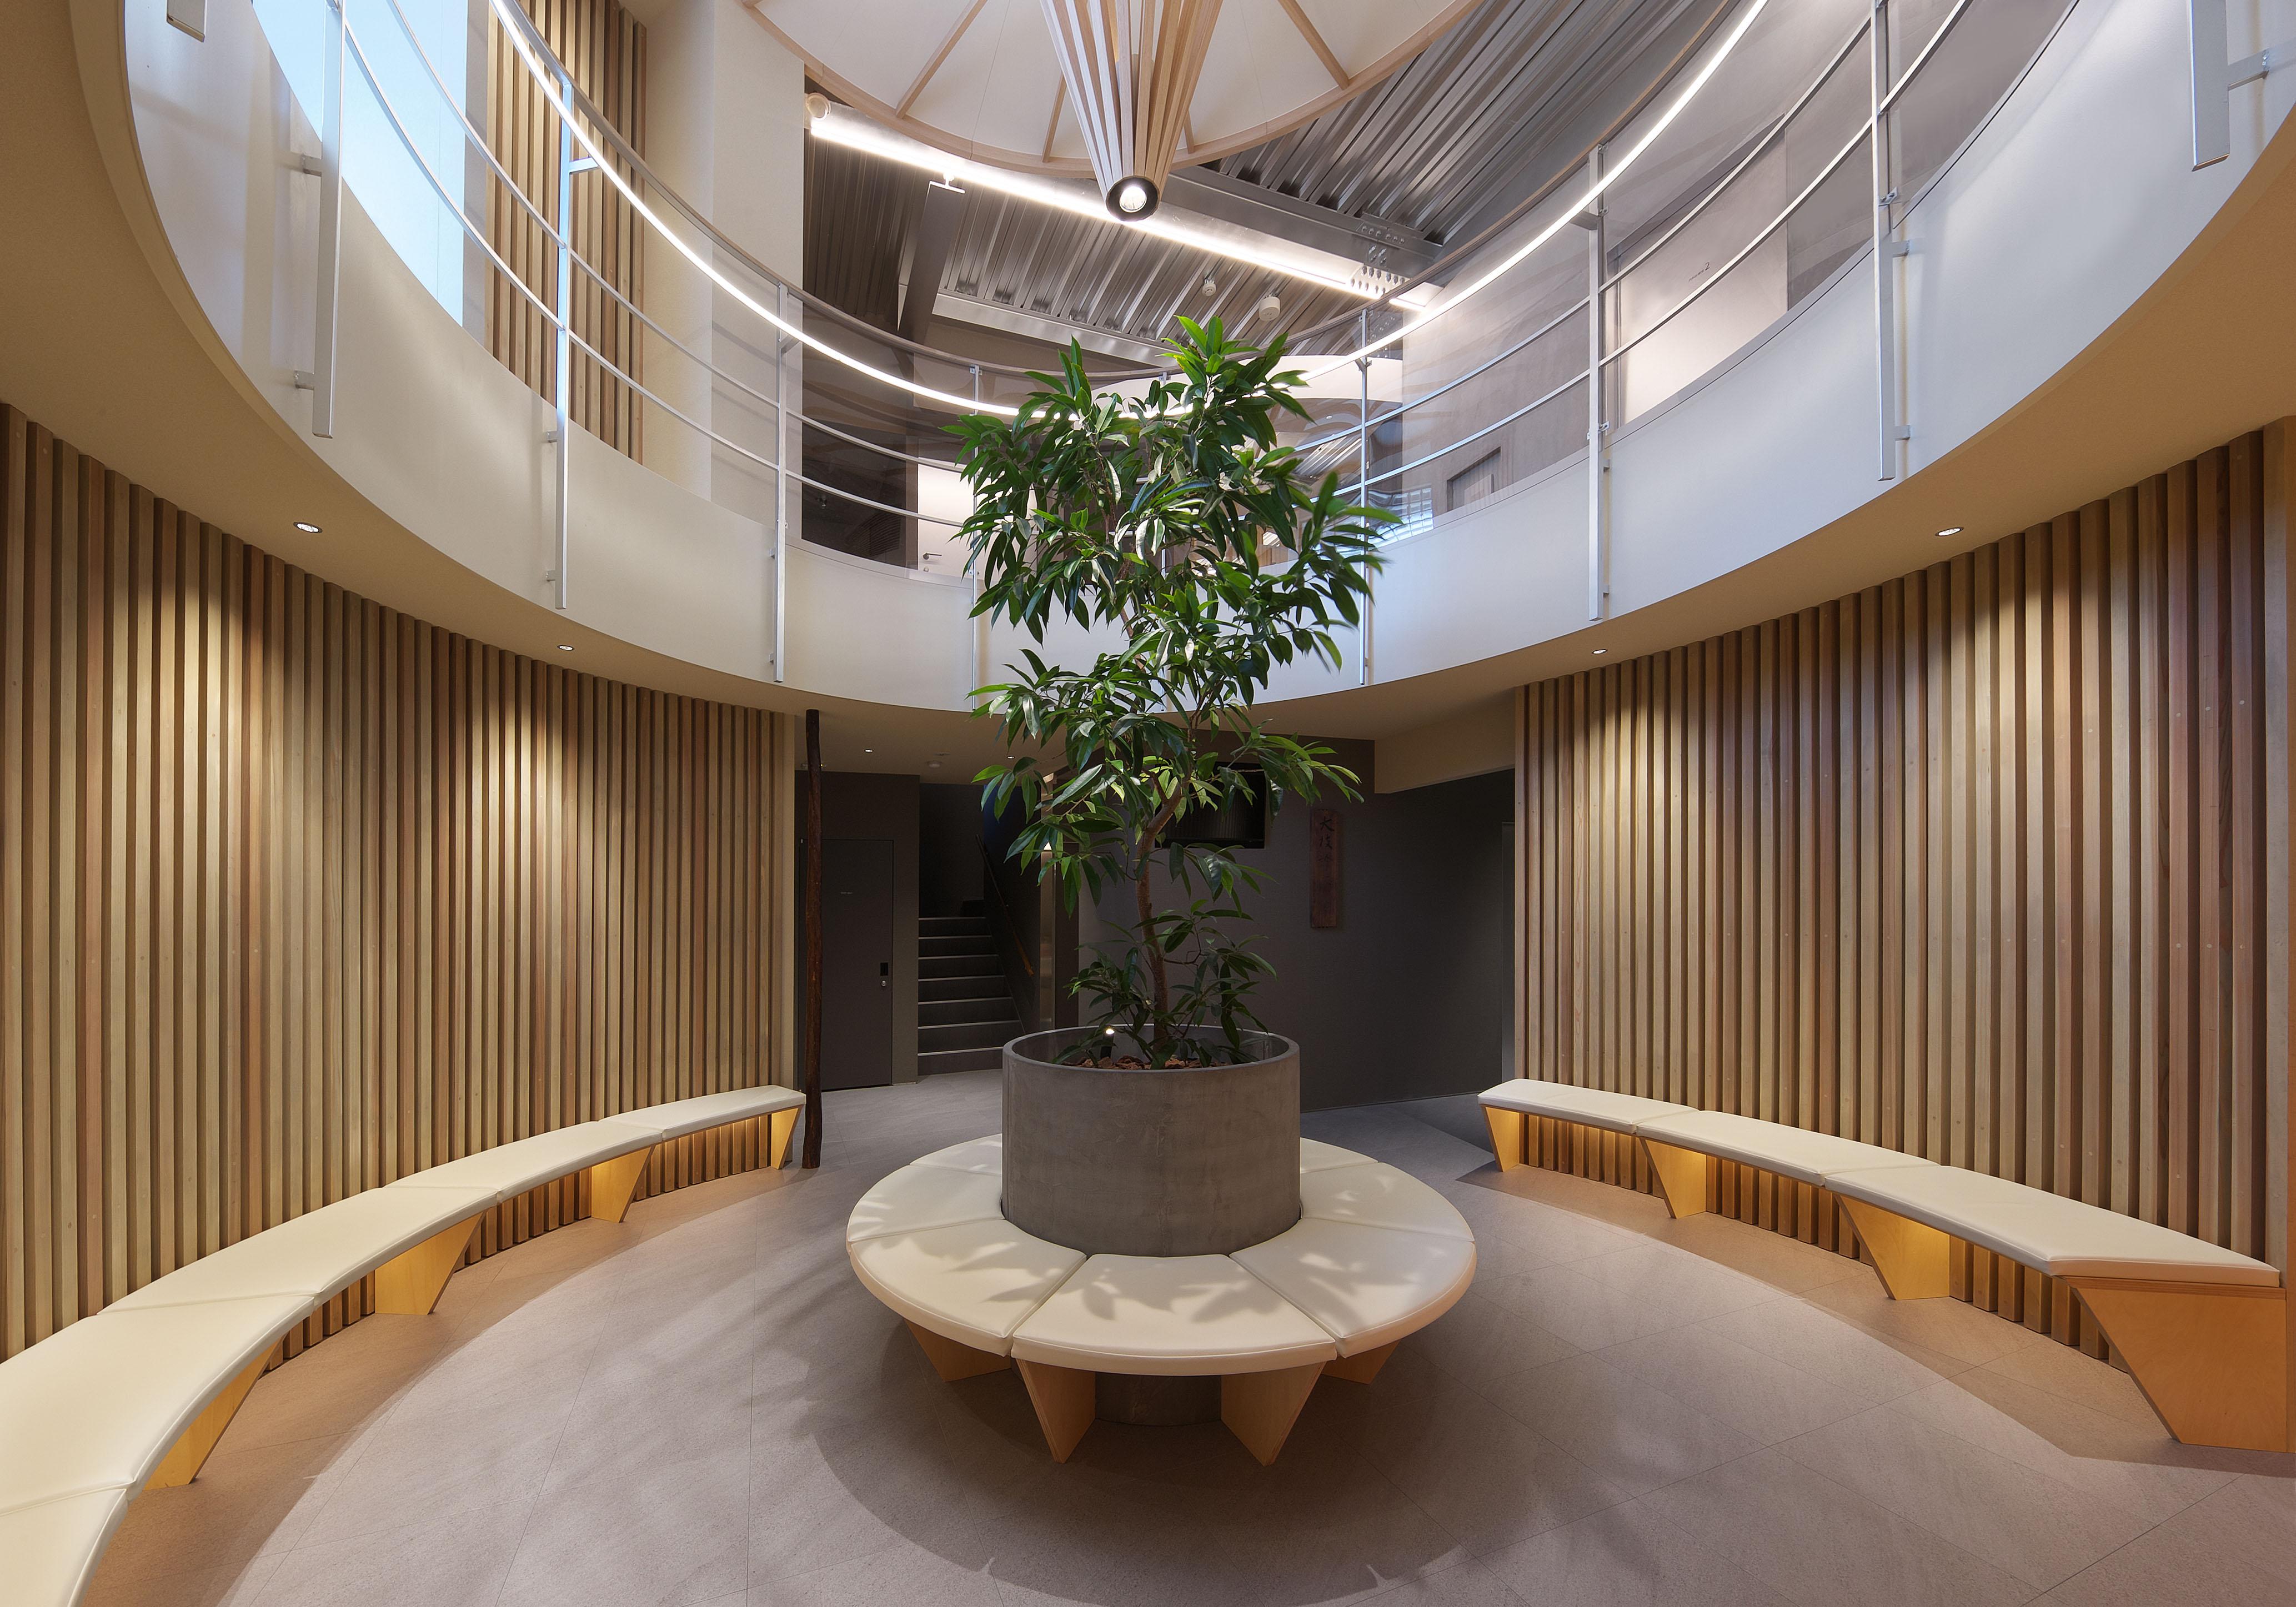 平岡建築デザインが設計した糖尿病内科と整形外科のなクリニックの待合室内装